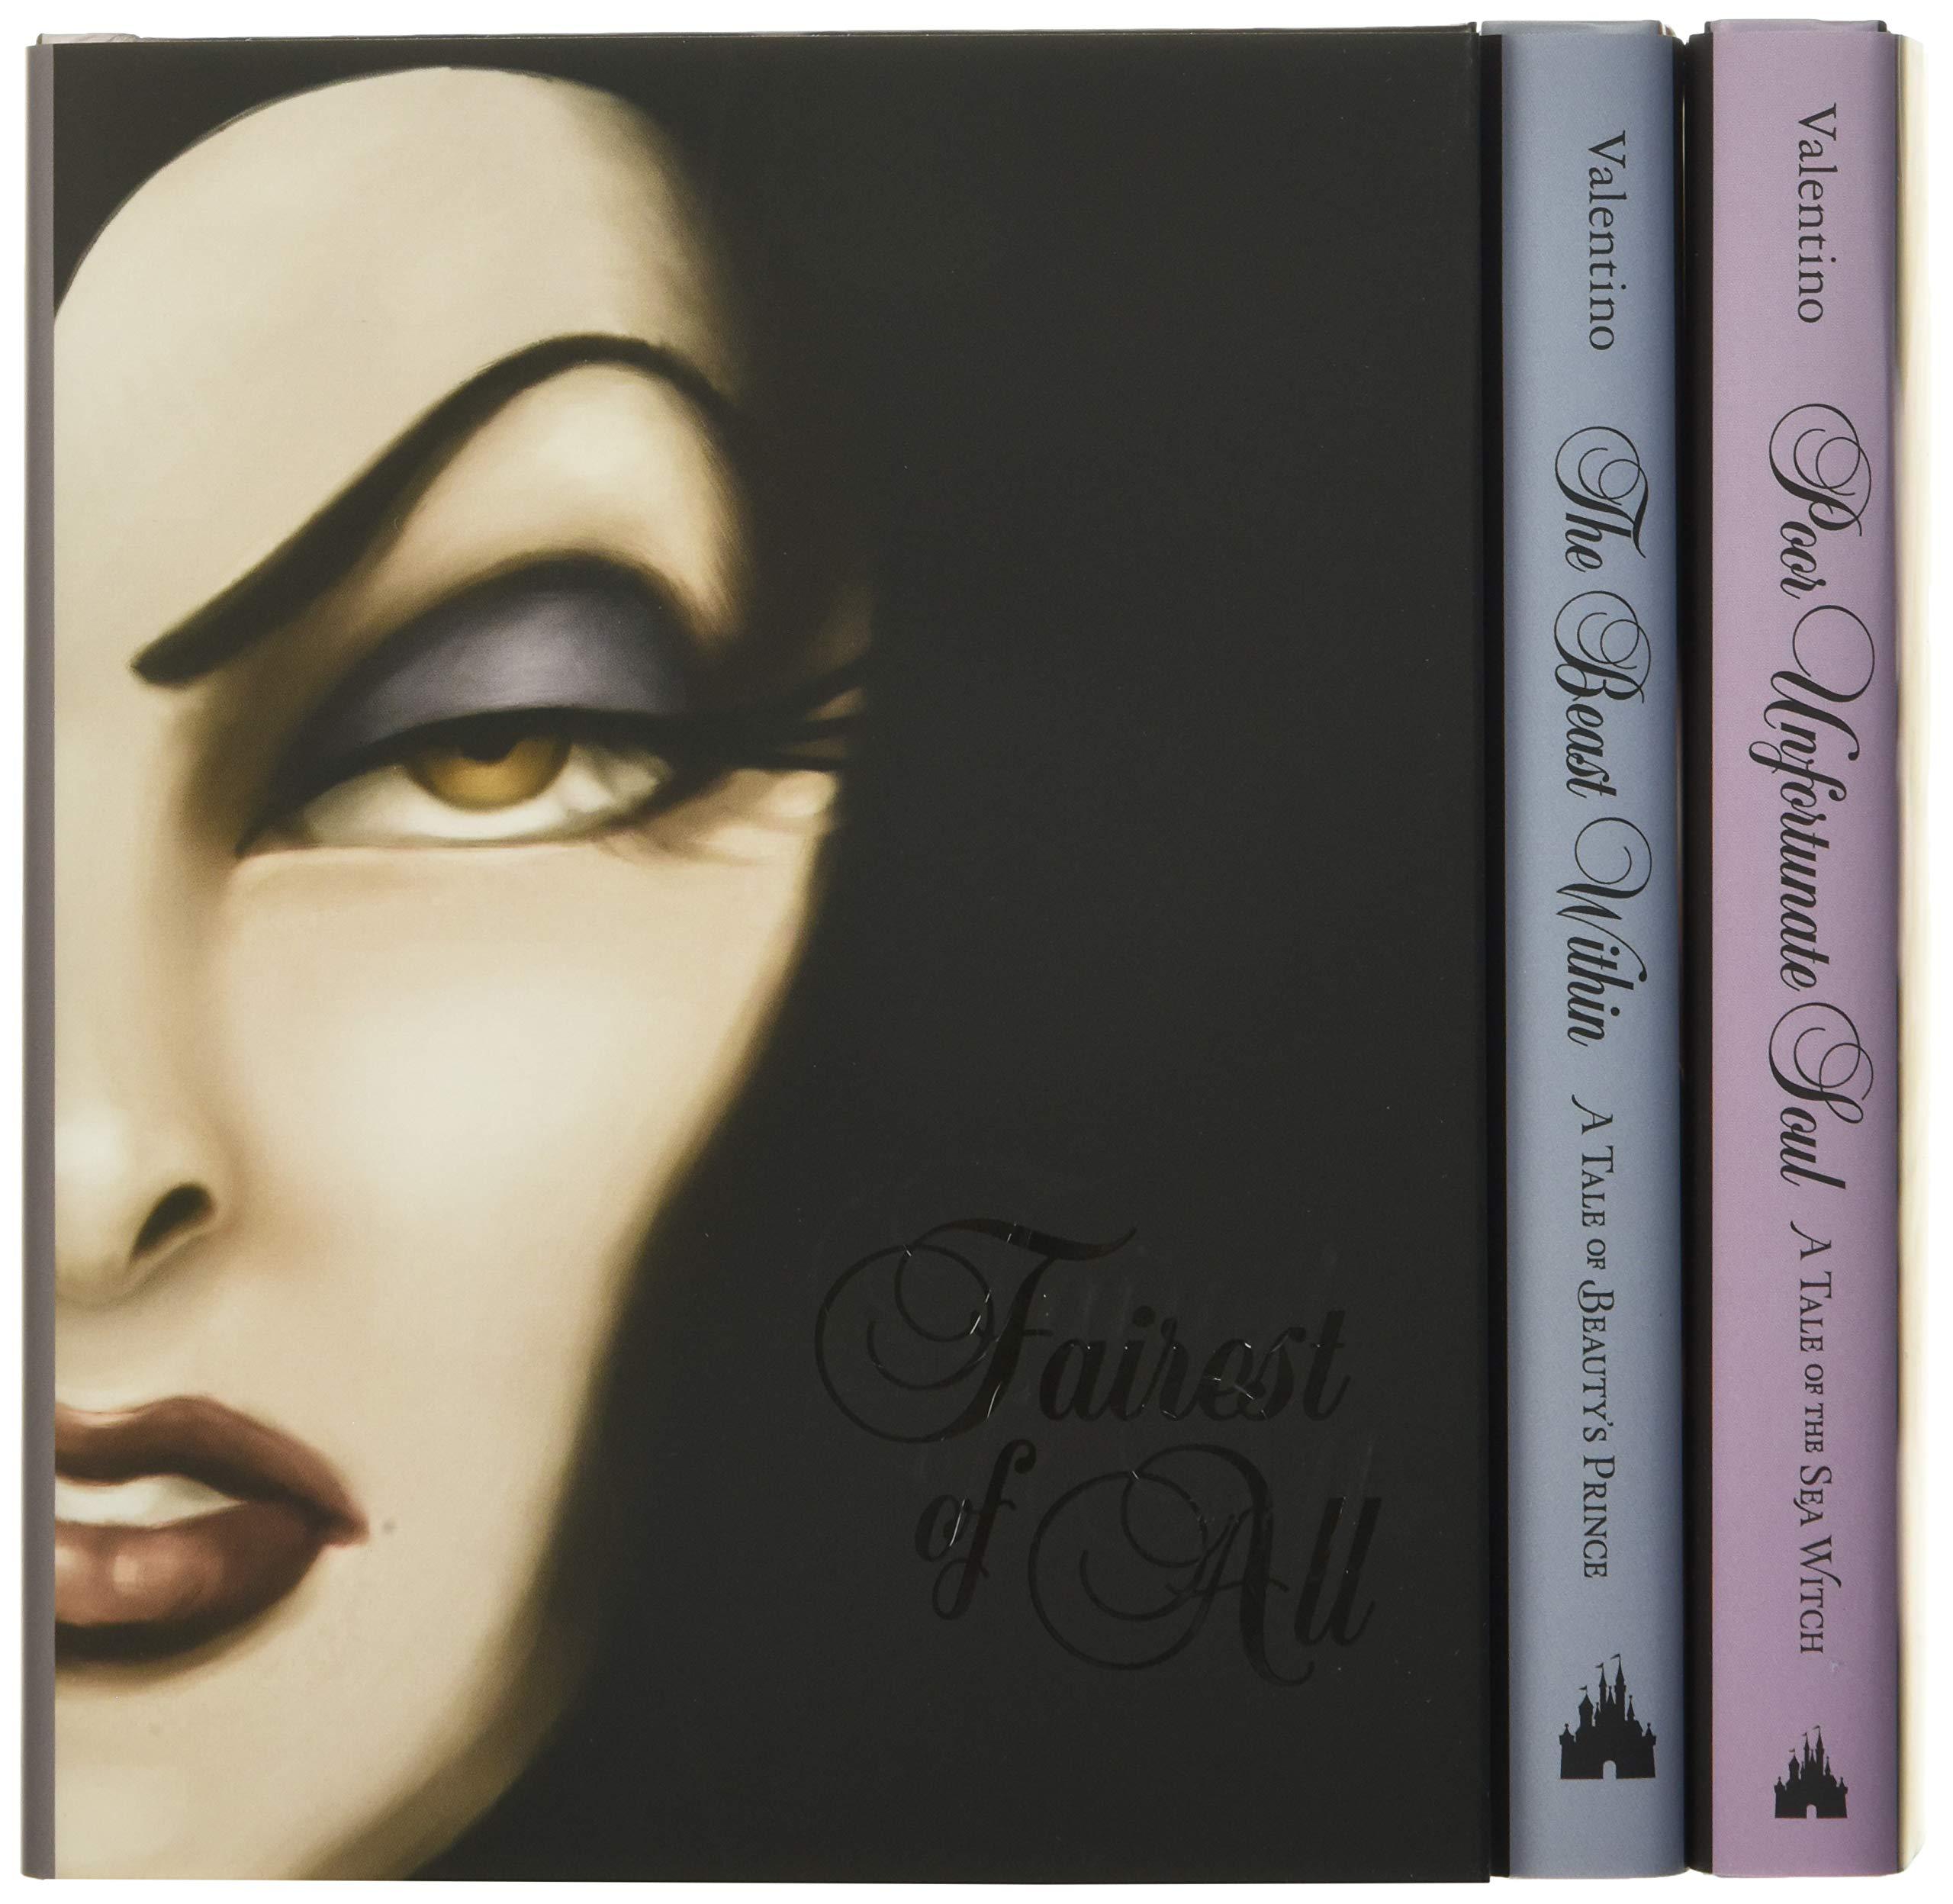 Serena Valentino's Villains Box Set: Books 1-3